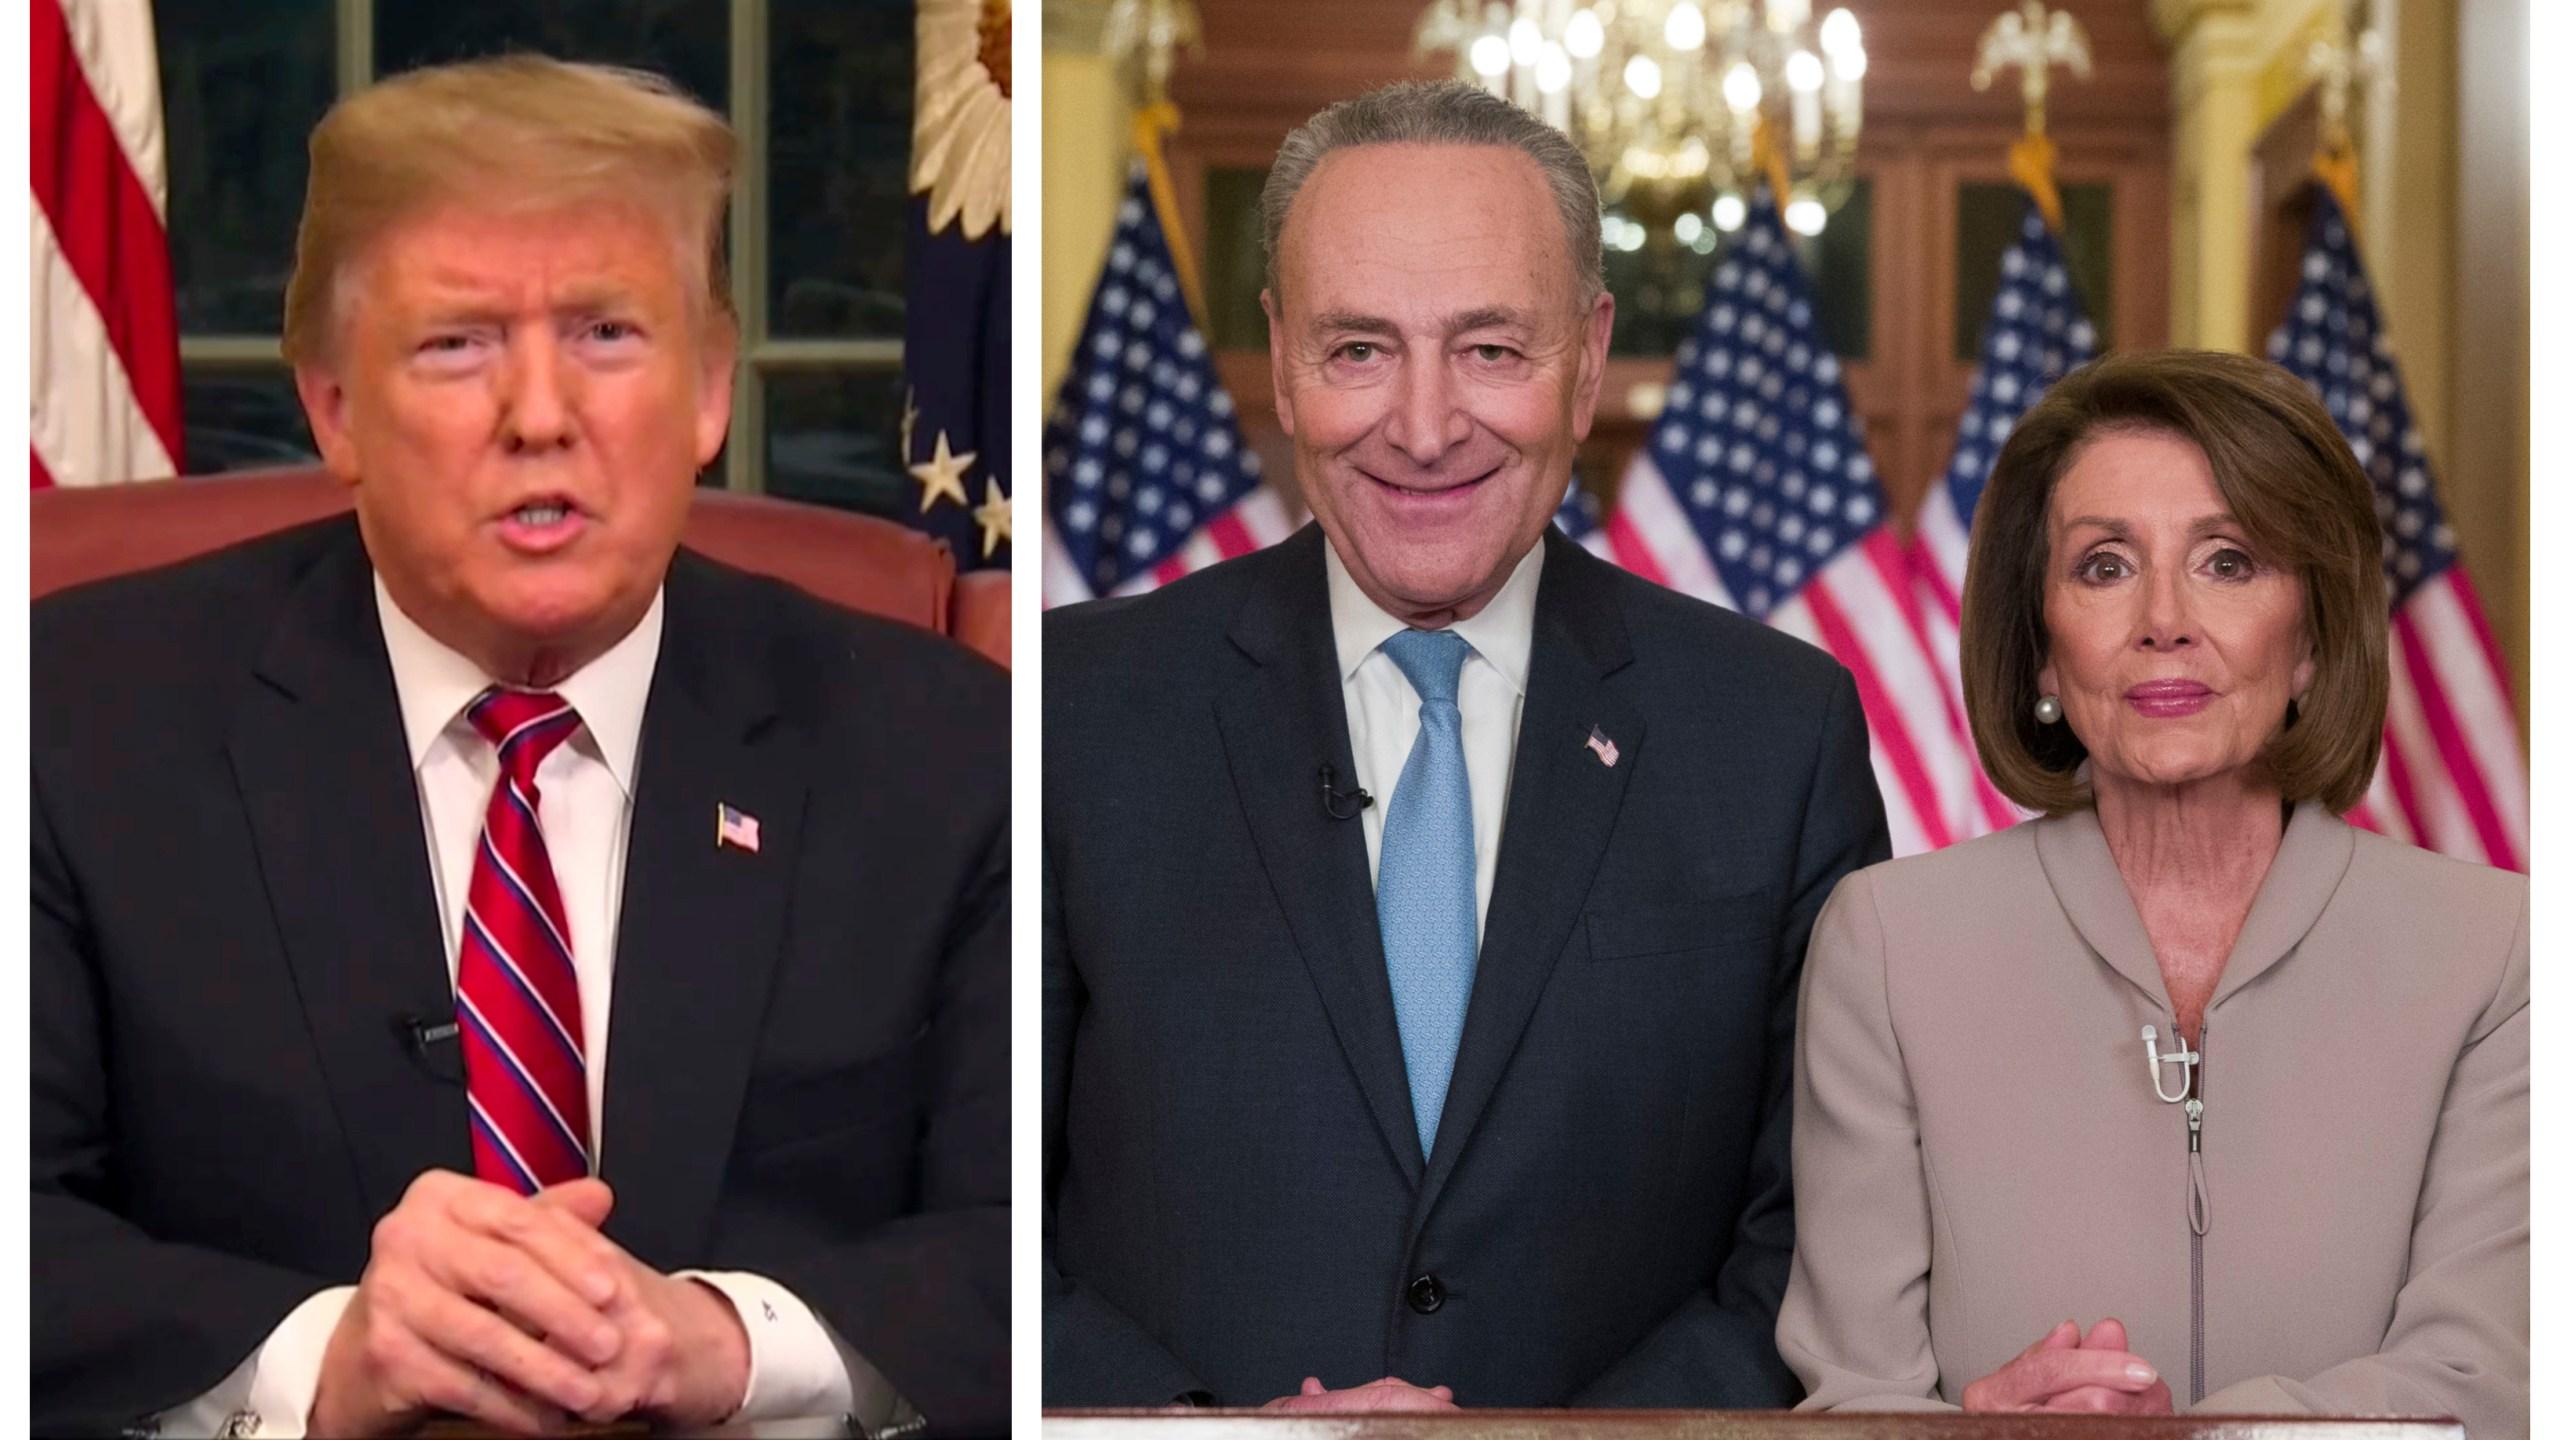 Trump-Schumer-Pelosi_1547036617498.jpg